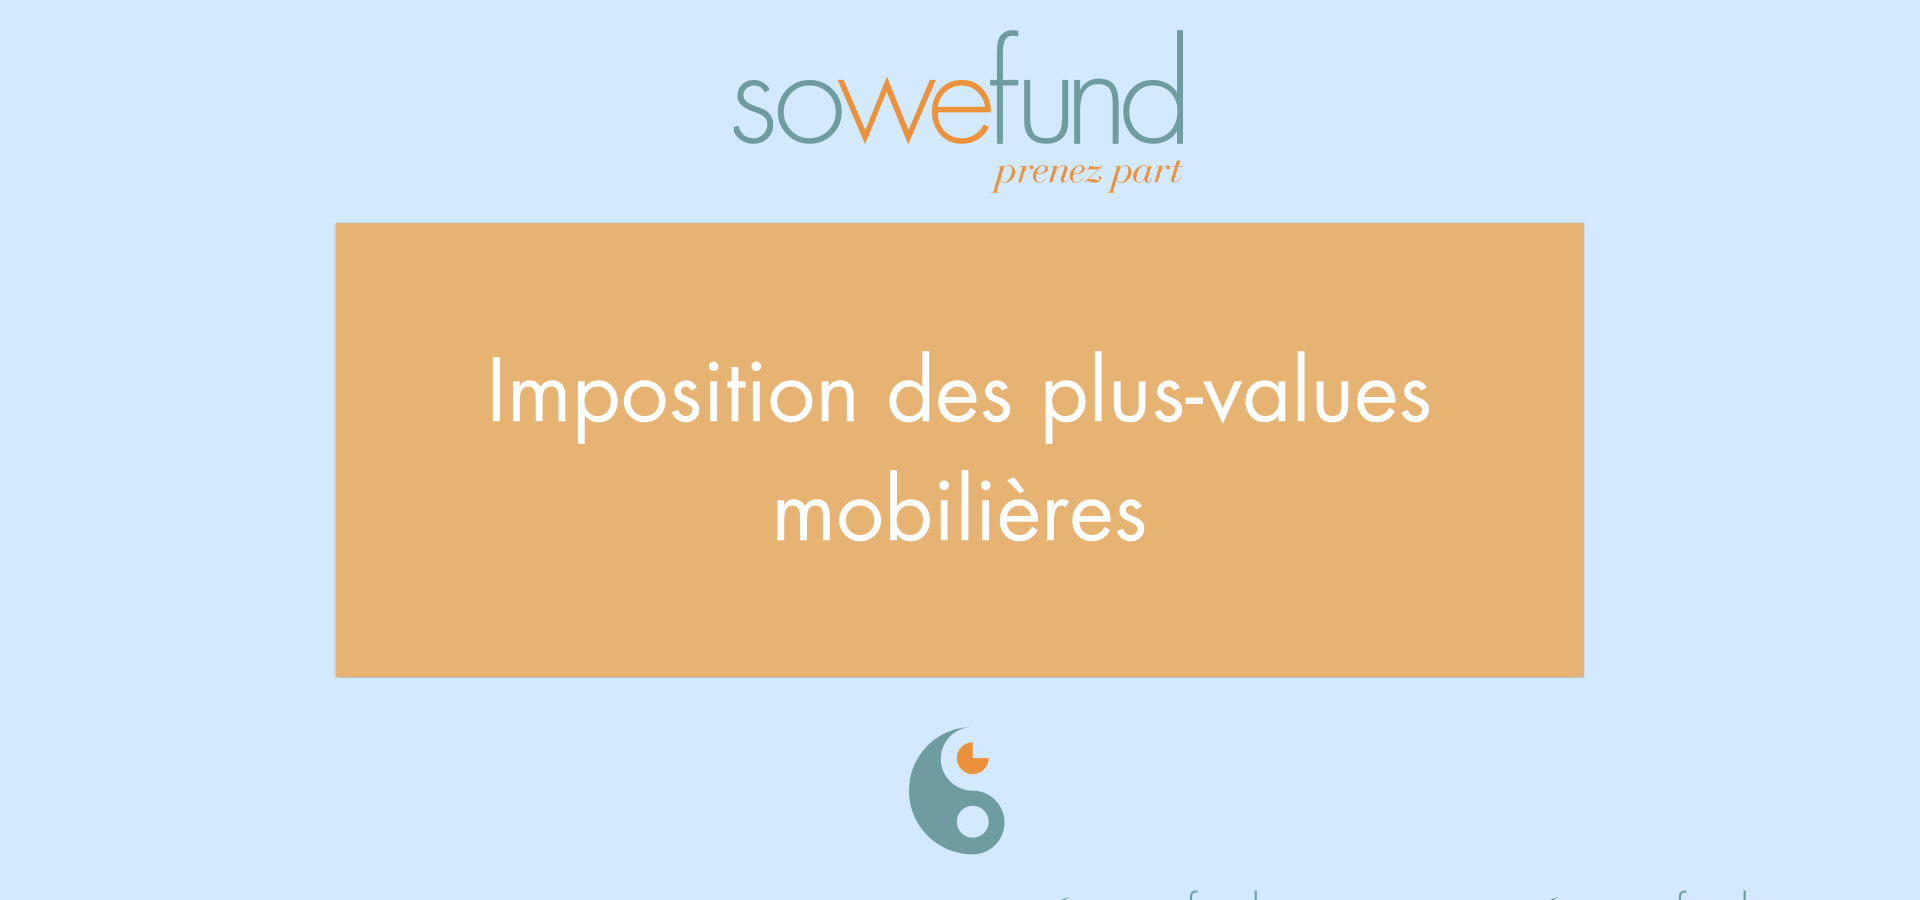 Imposition des plus-values mobilières avec Sowefund